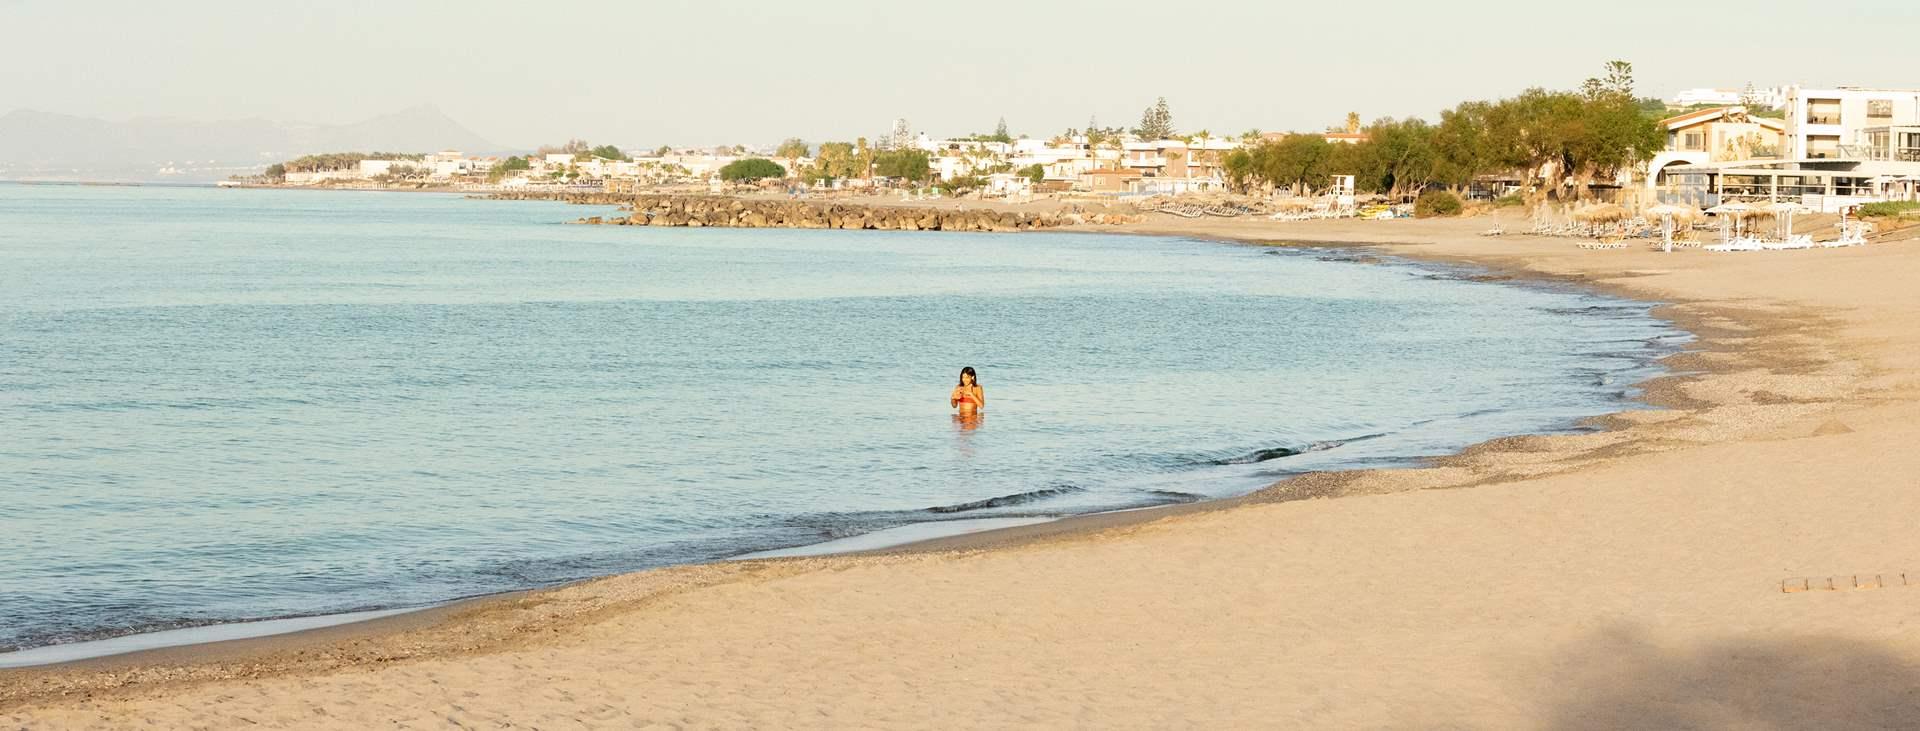 Bestill en reise til Platanias på Kreta med Ving